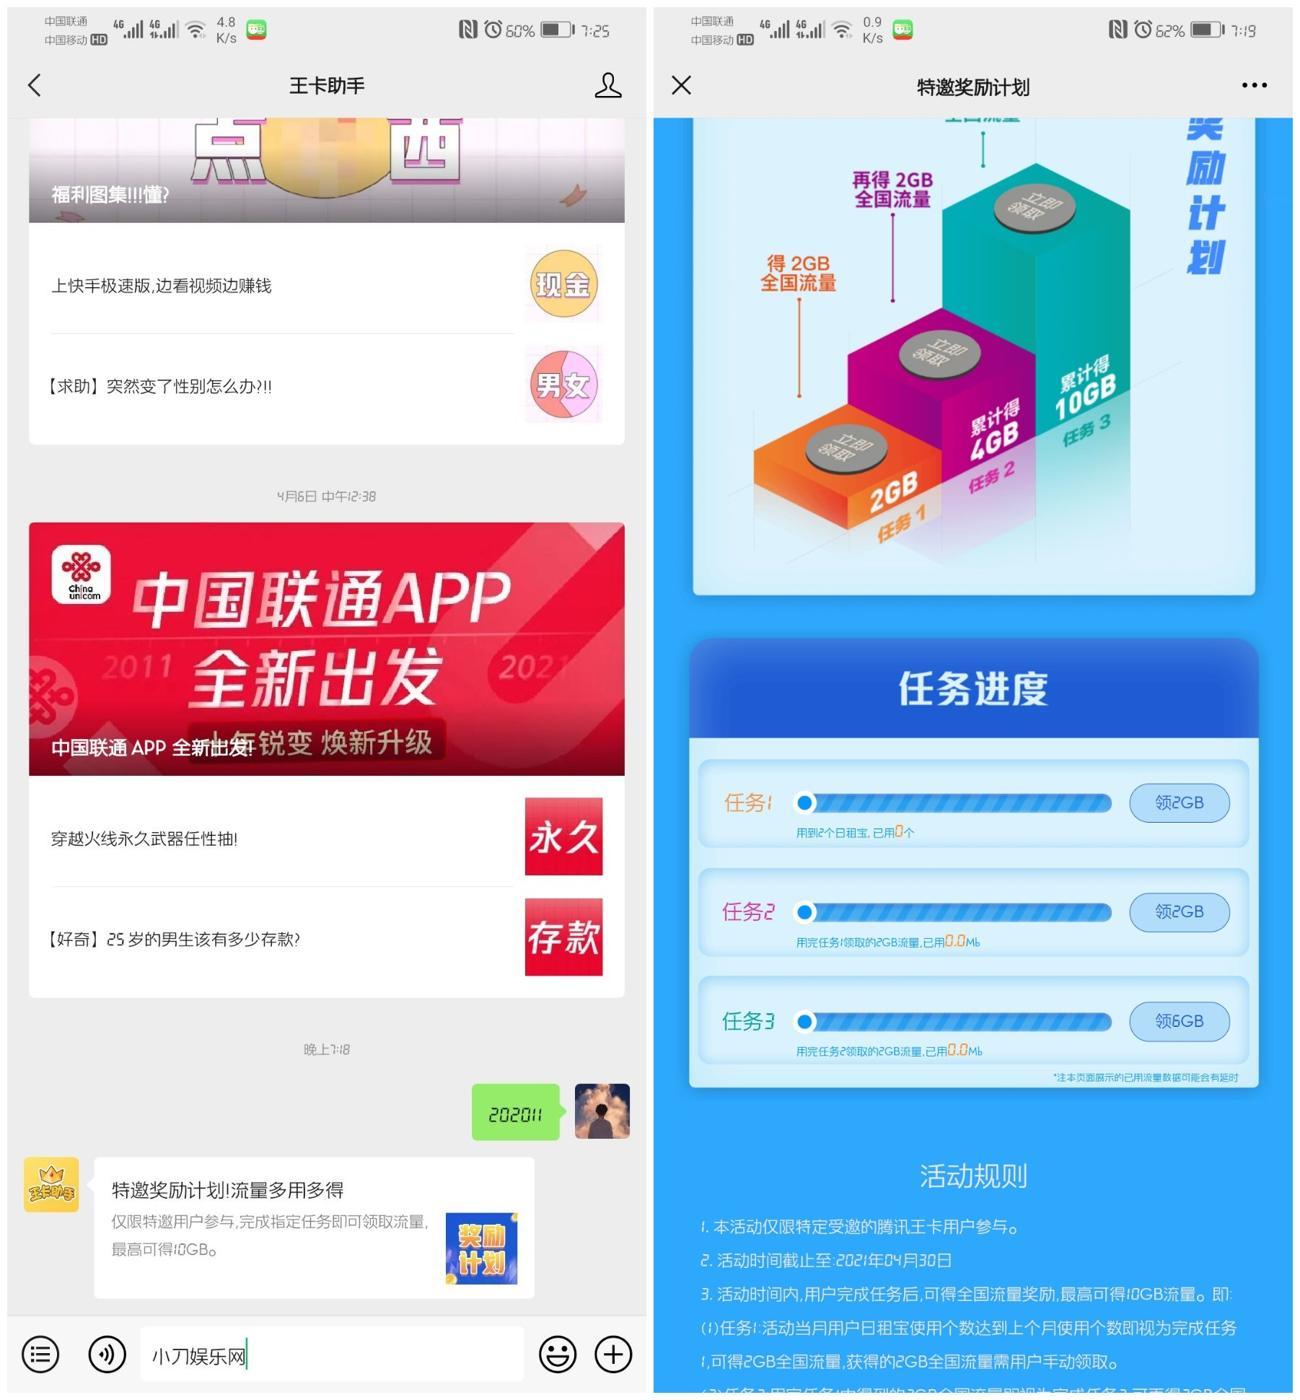 腾讯王卡特邀用户领10G流量